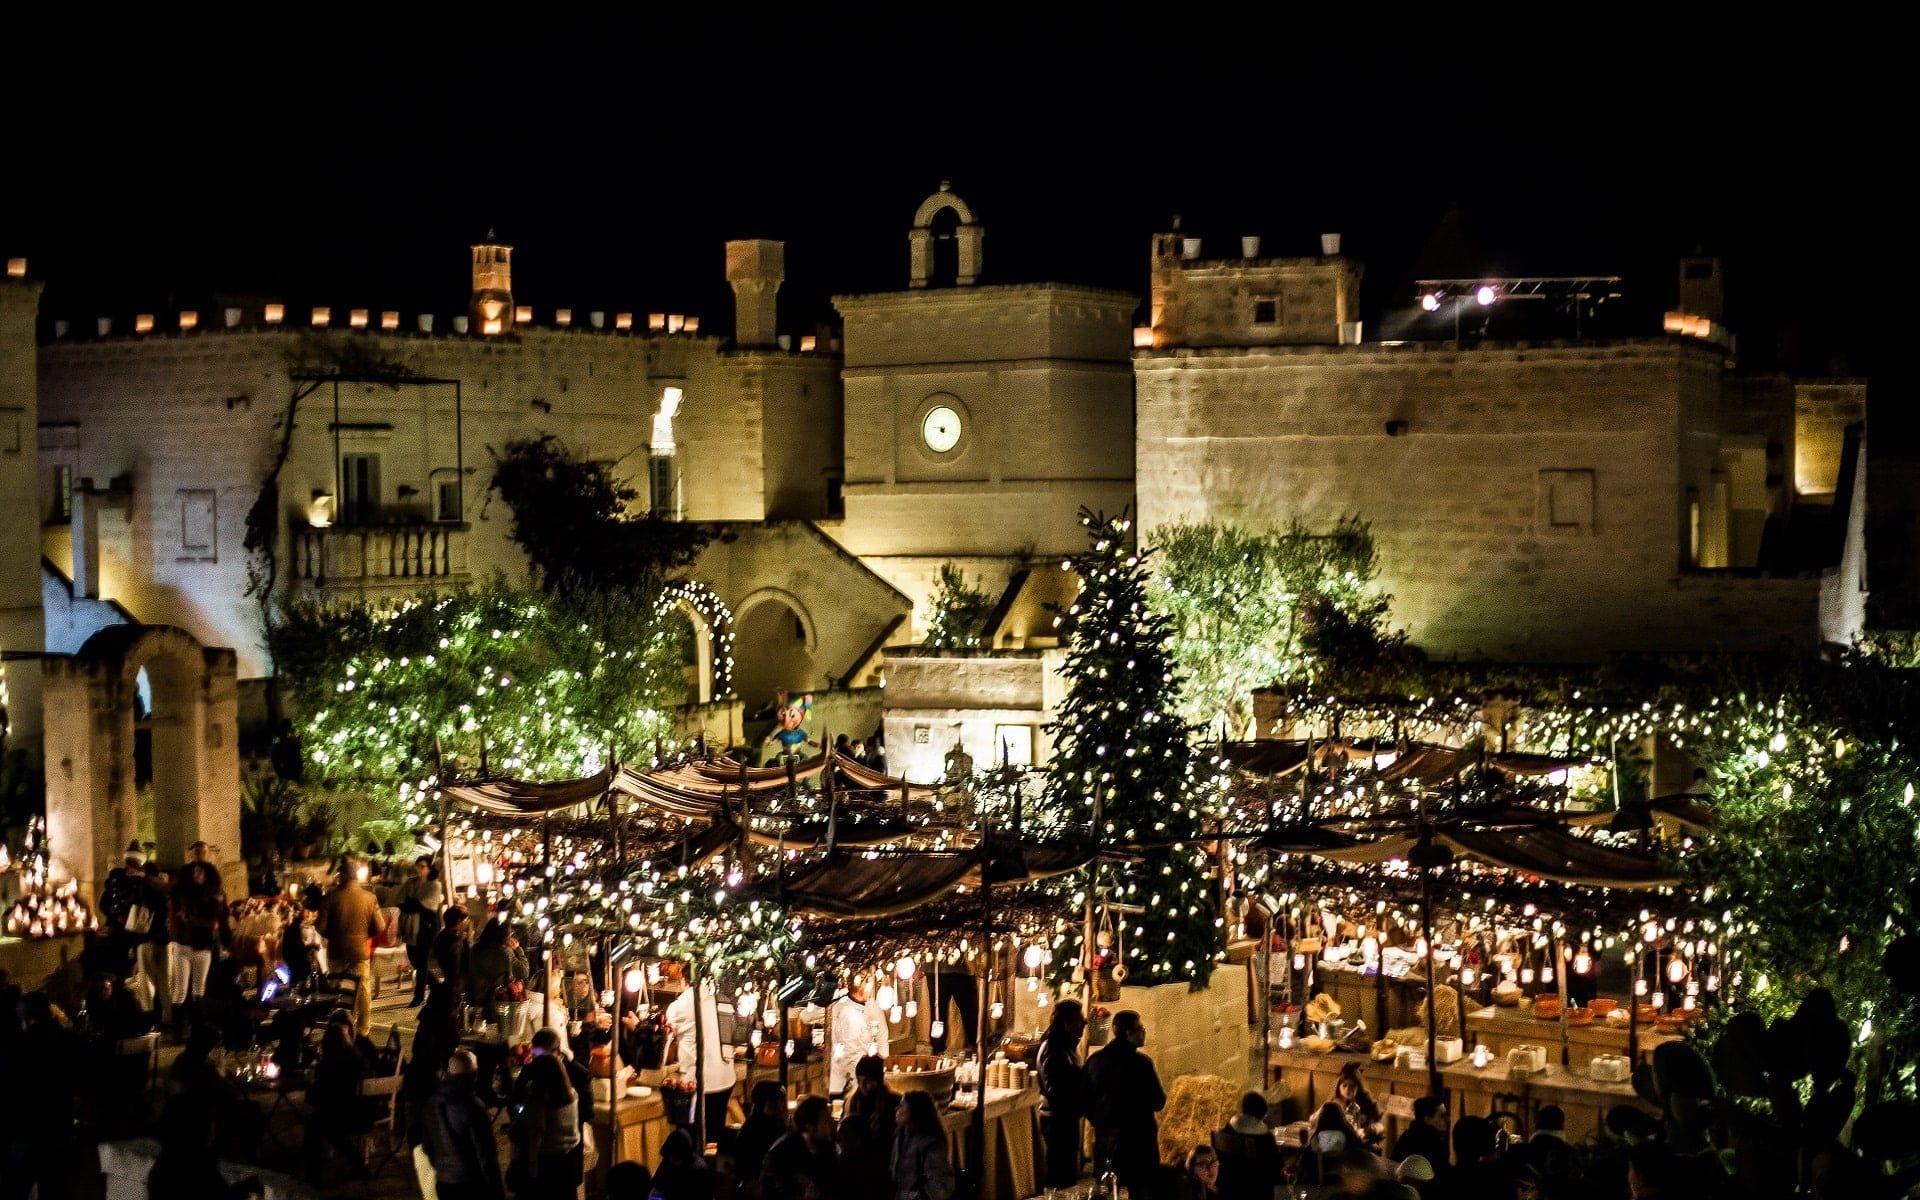 Borgo Egnazia 5 Star Hotel In Puglia Official Website Puglia Wedding Venues Italy Puglia Italy